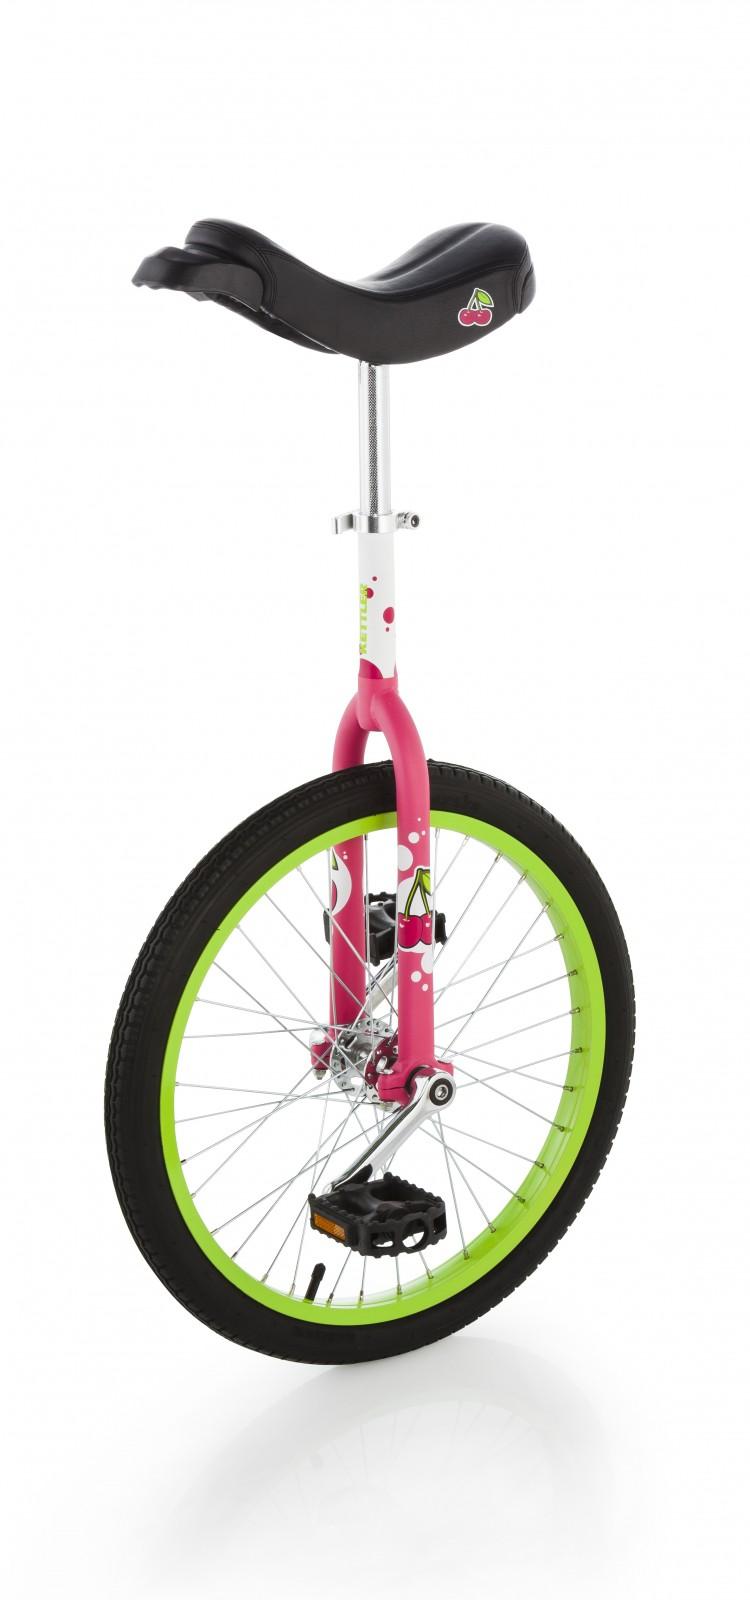 Kettler ethjulet cykel 20 tommer køb billigt - T-Fitness